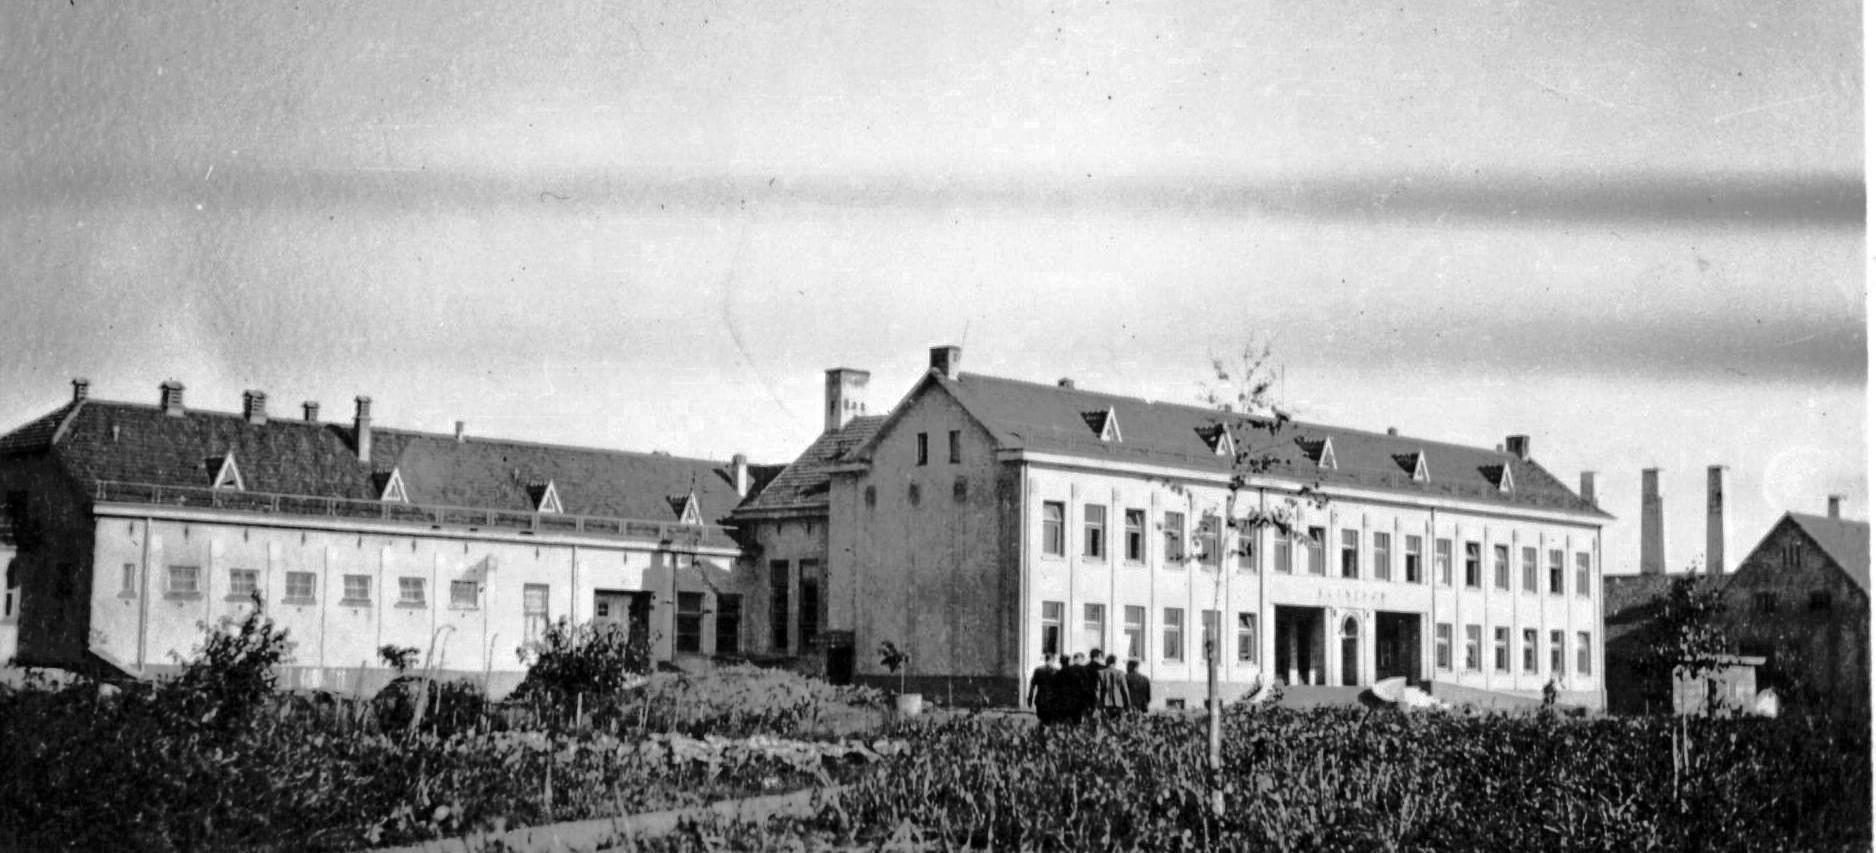 veterinarijos akademija apie 1940